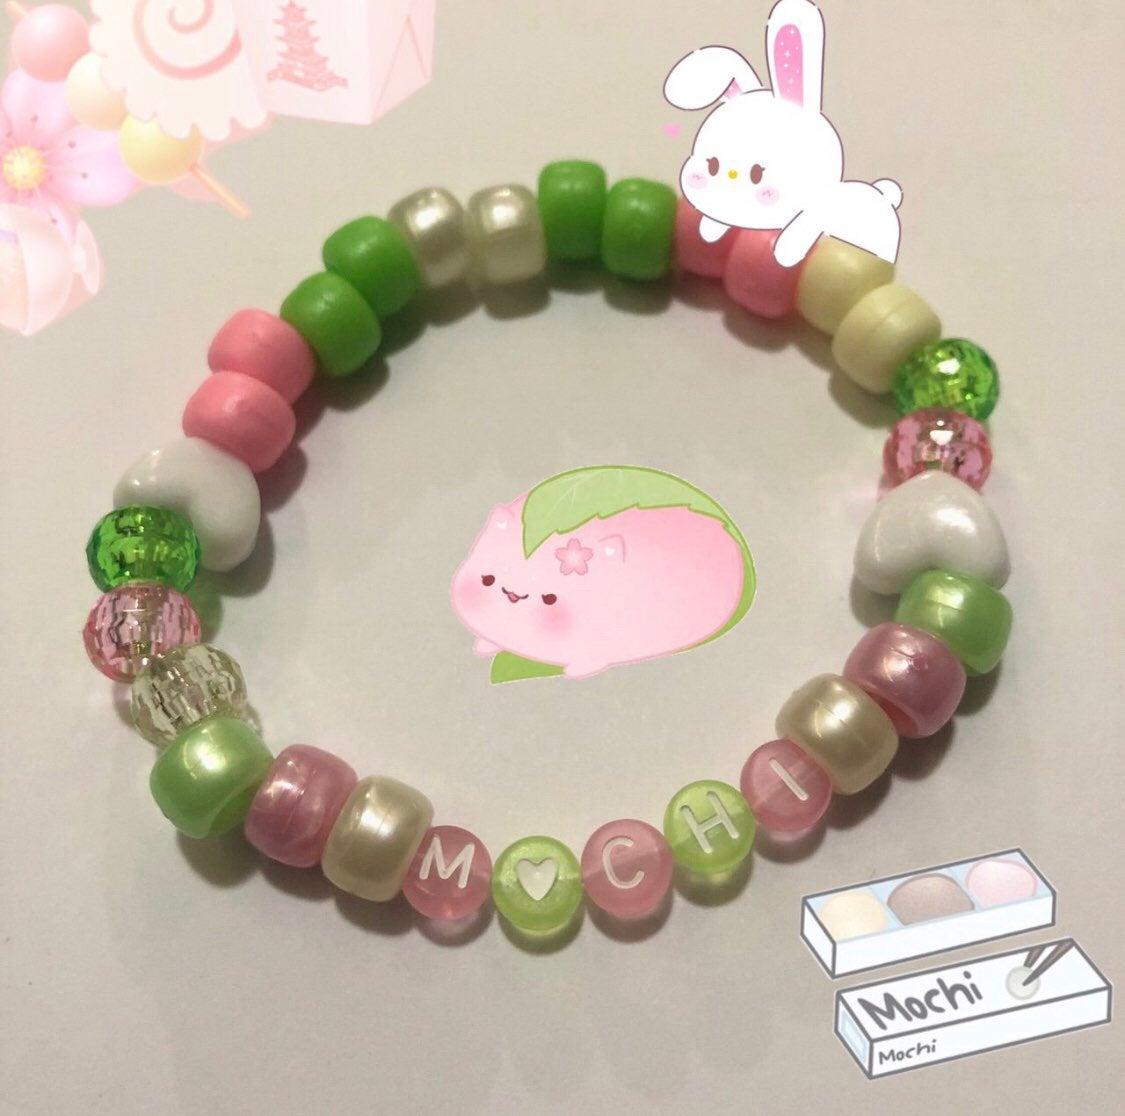 mochi dango kandi bracelet